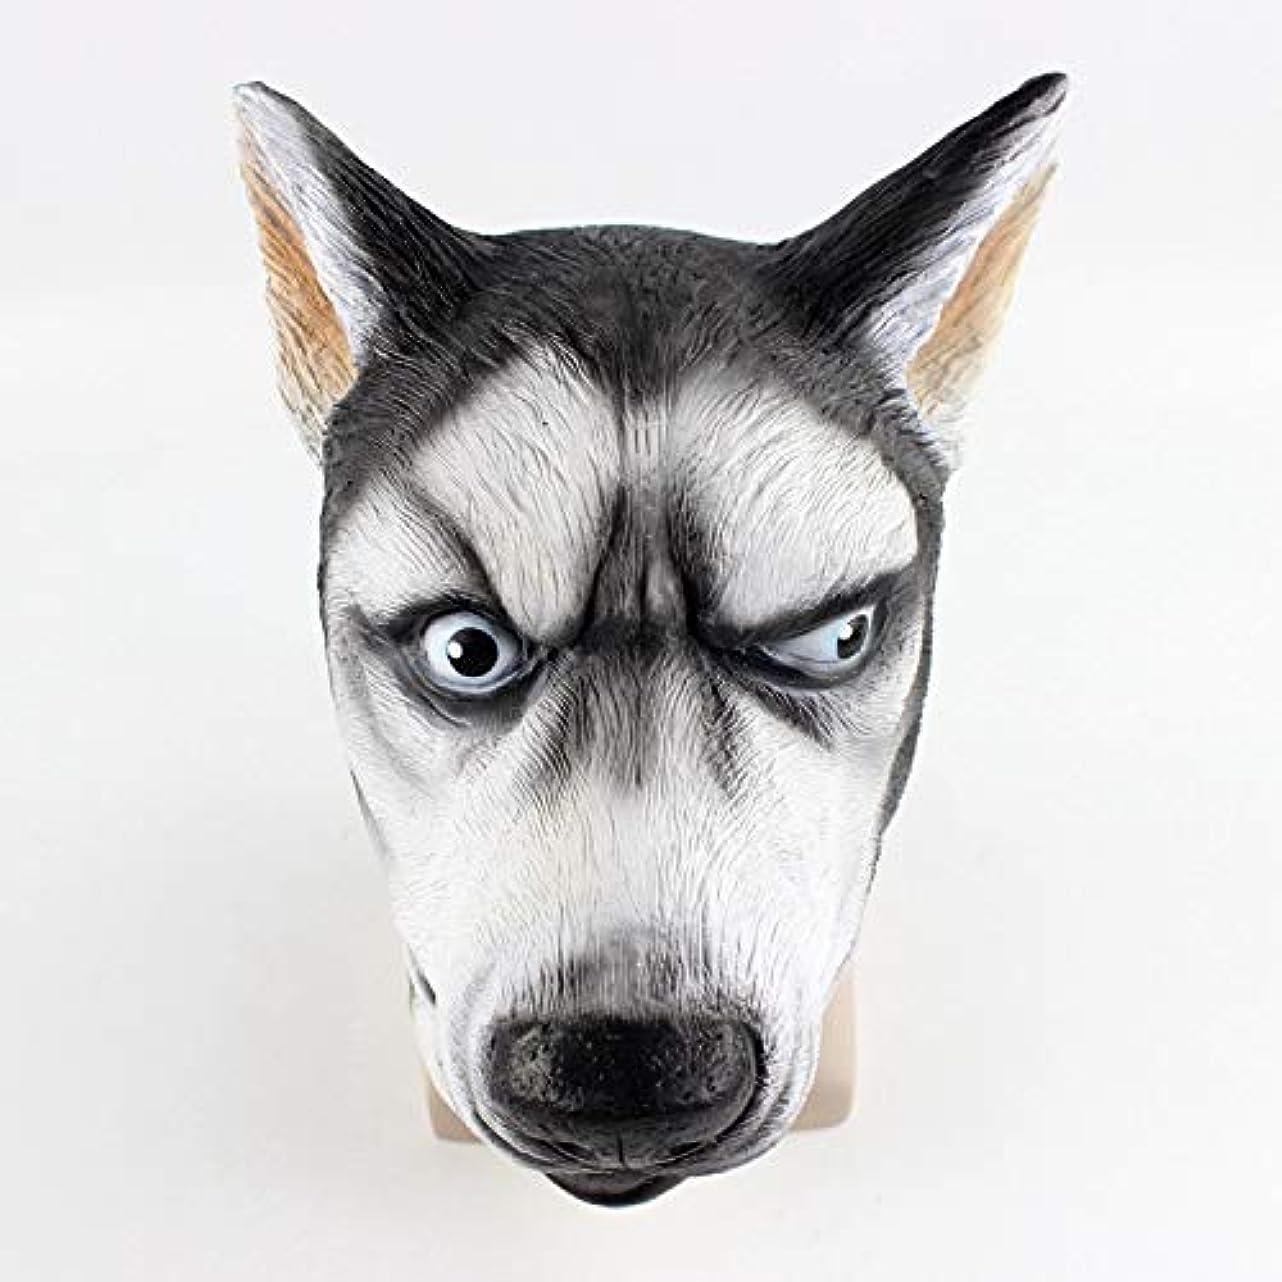 おとうさんいじめっ子むさぼり食うシベリアンハスキー犬ラテックス動物ヘッドマスクノベルティコスチュームラバーマスク用ハロウィン動物犬ヘッドマスク